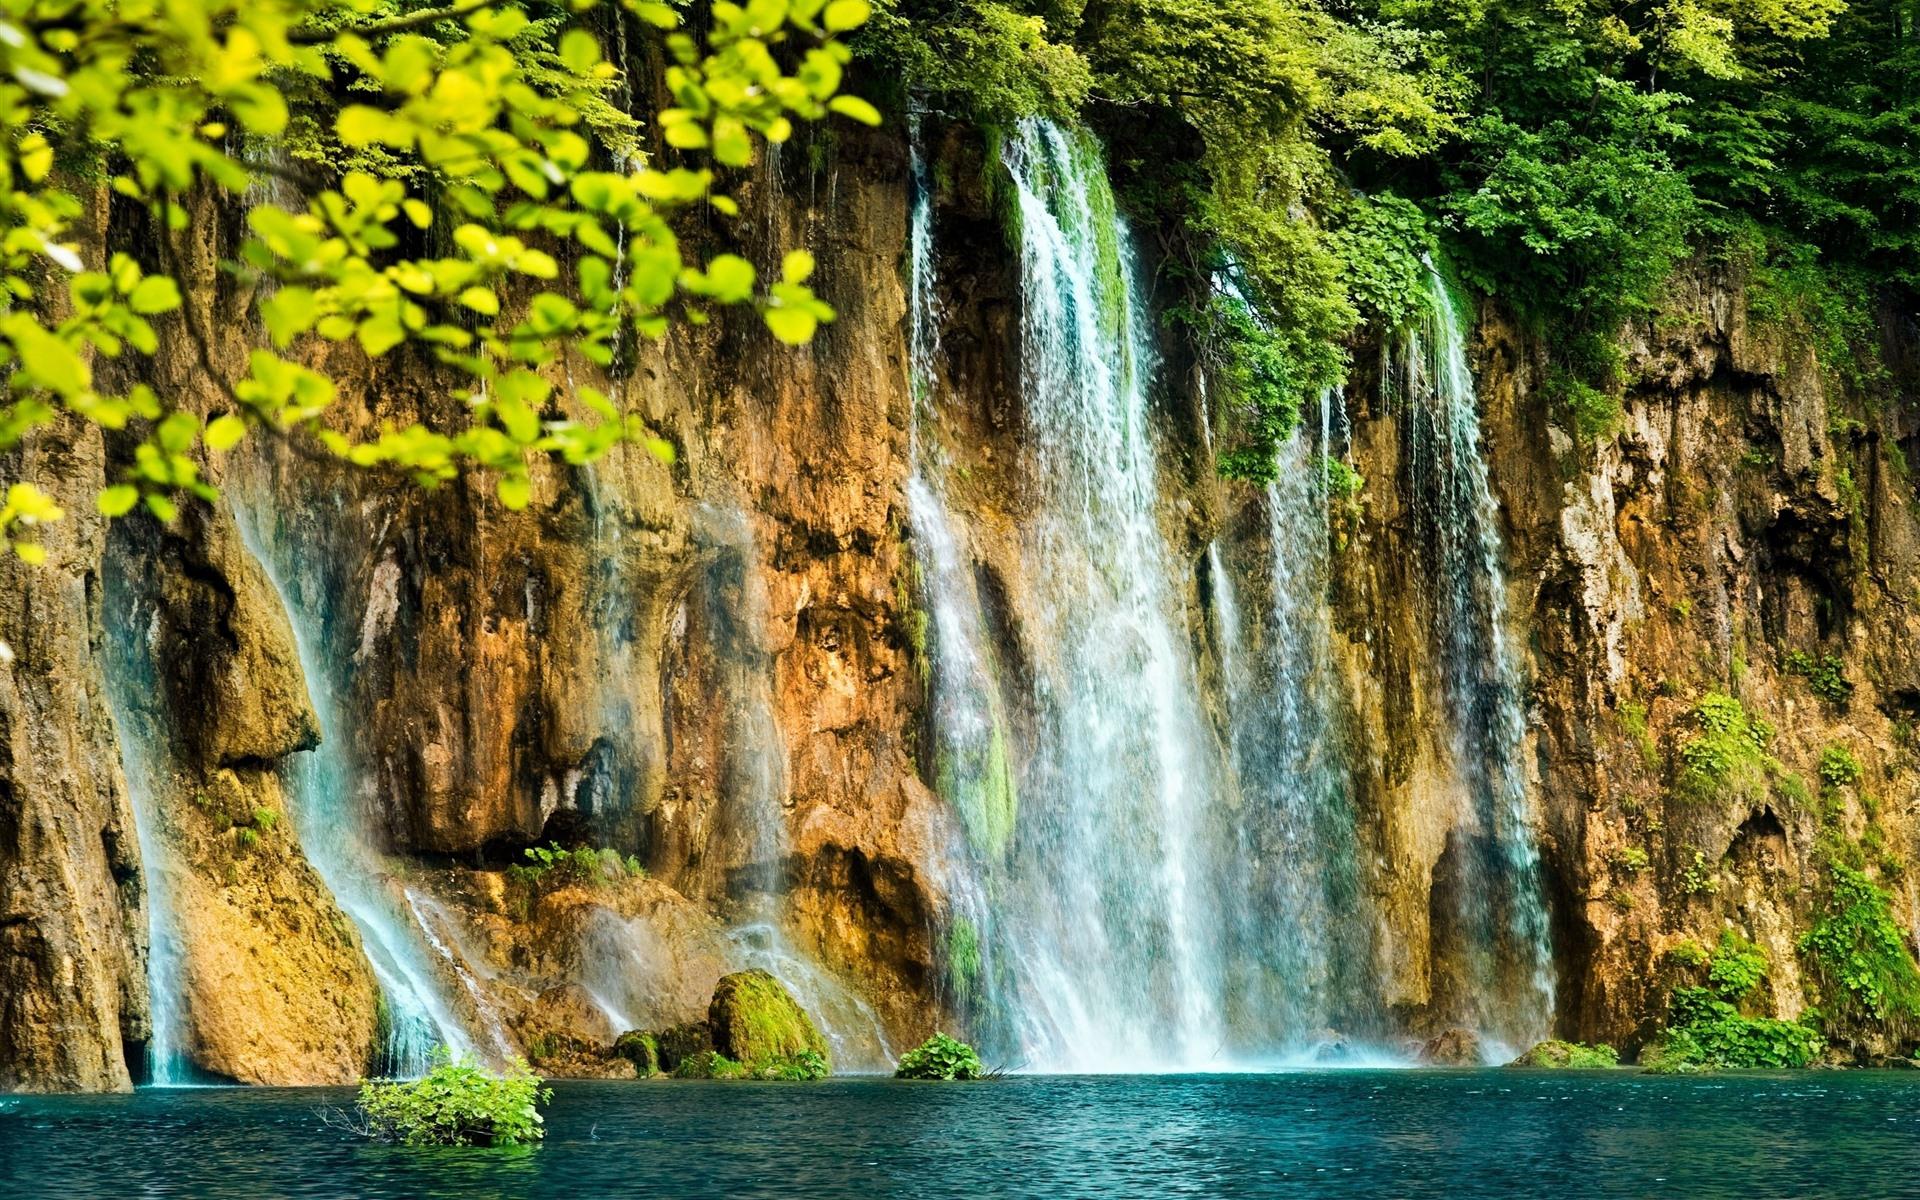 Картинки с водопадами красивые